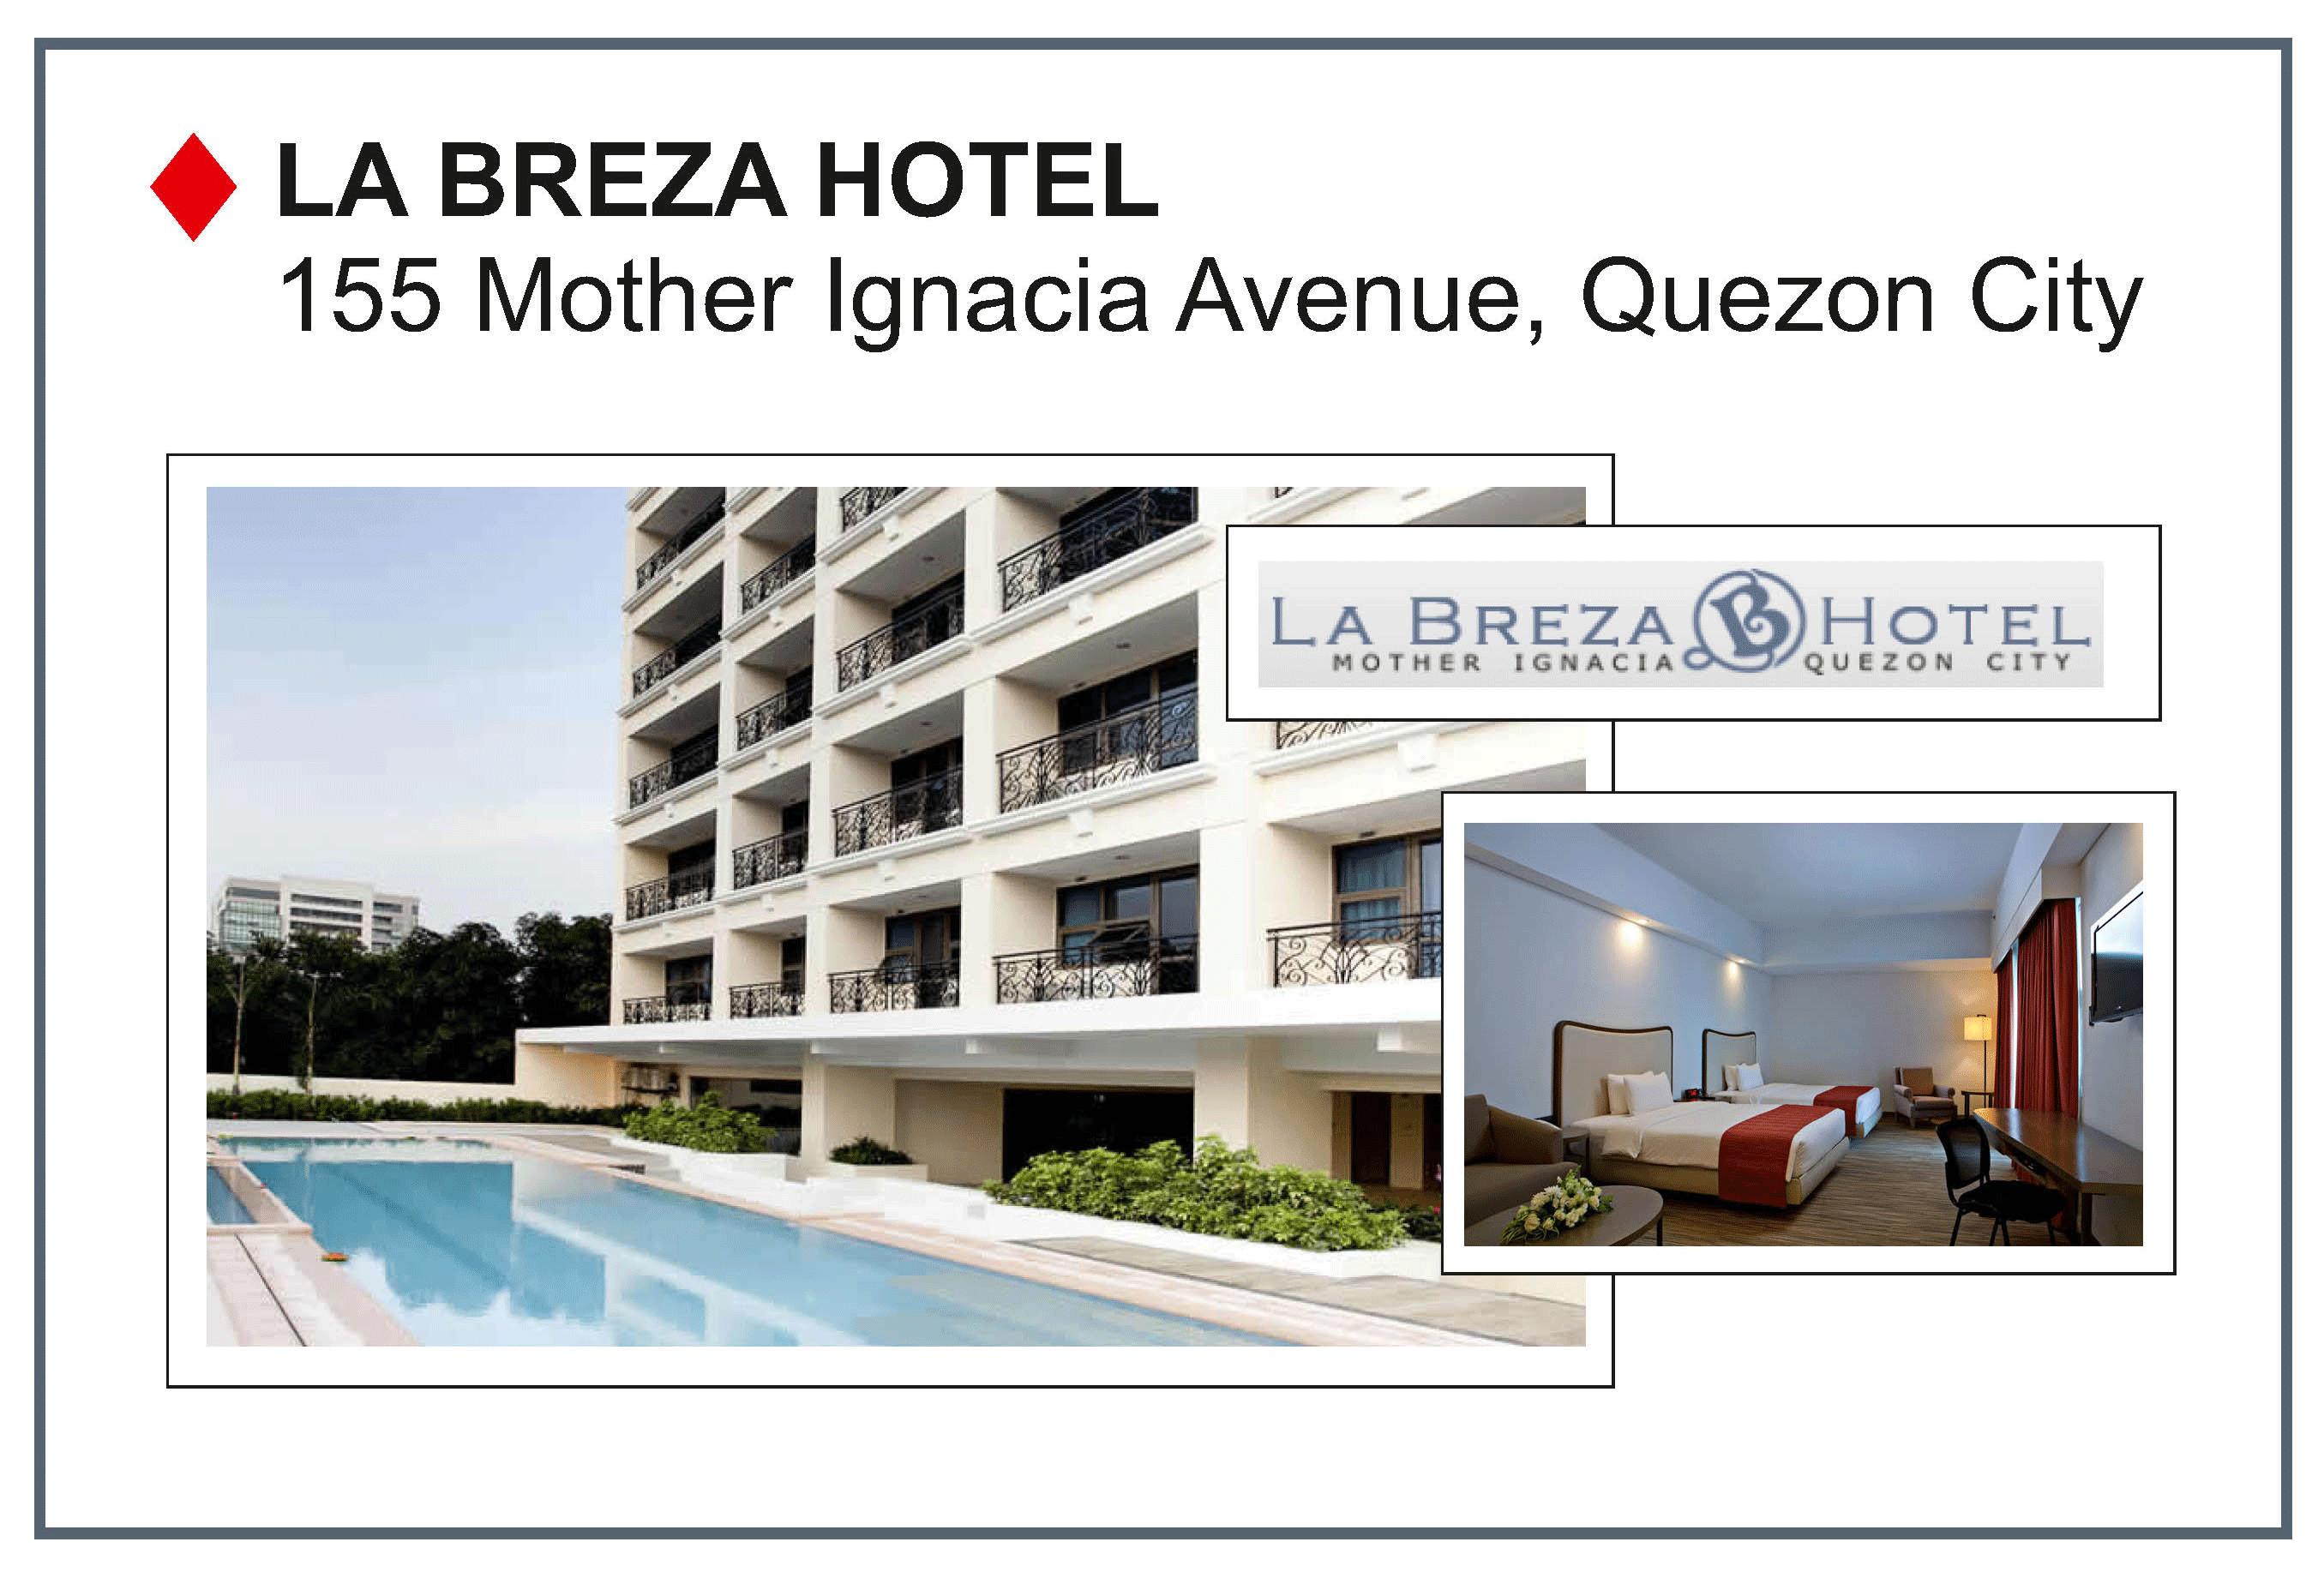 LA-BREZA-HOTEL